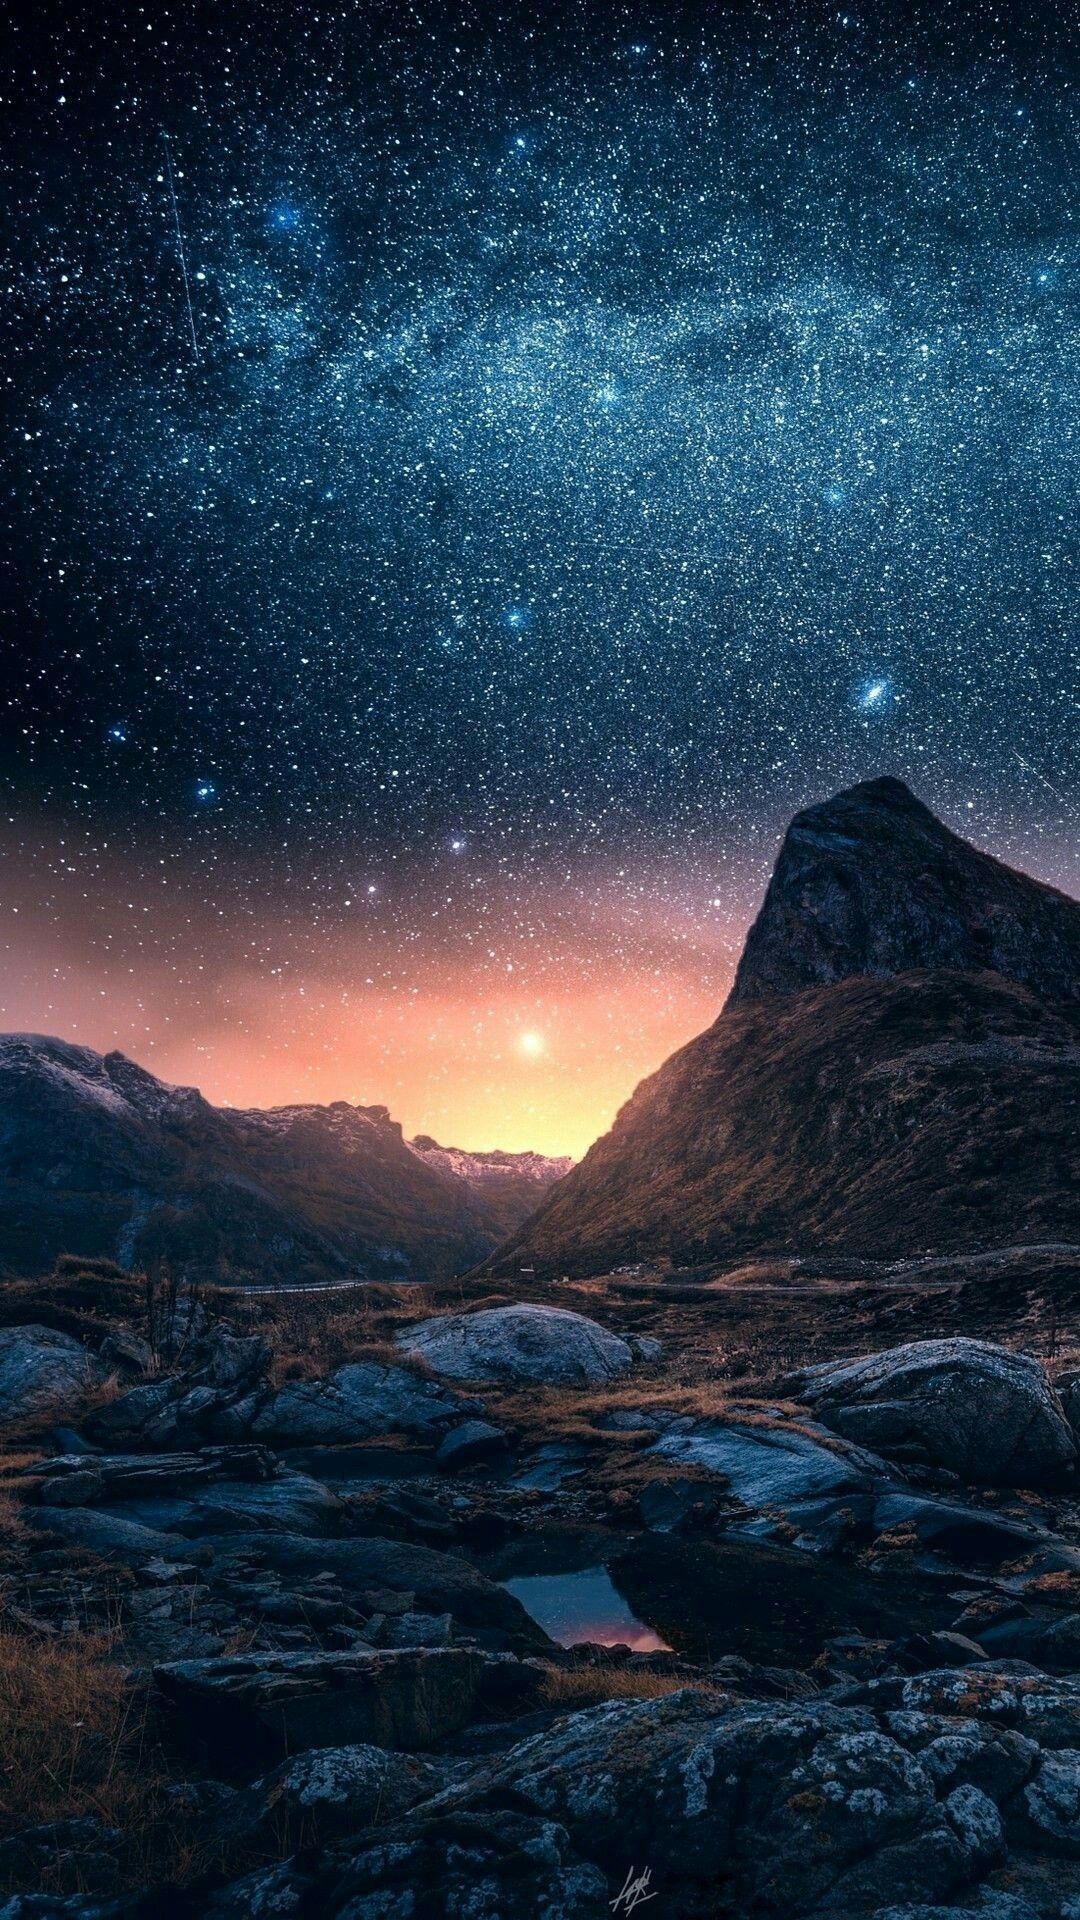 Pin de Bliss en Wallpapers Empapelado de galaxias